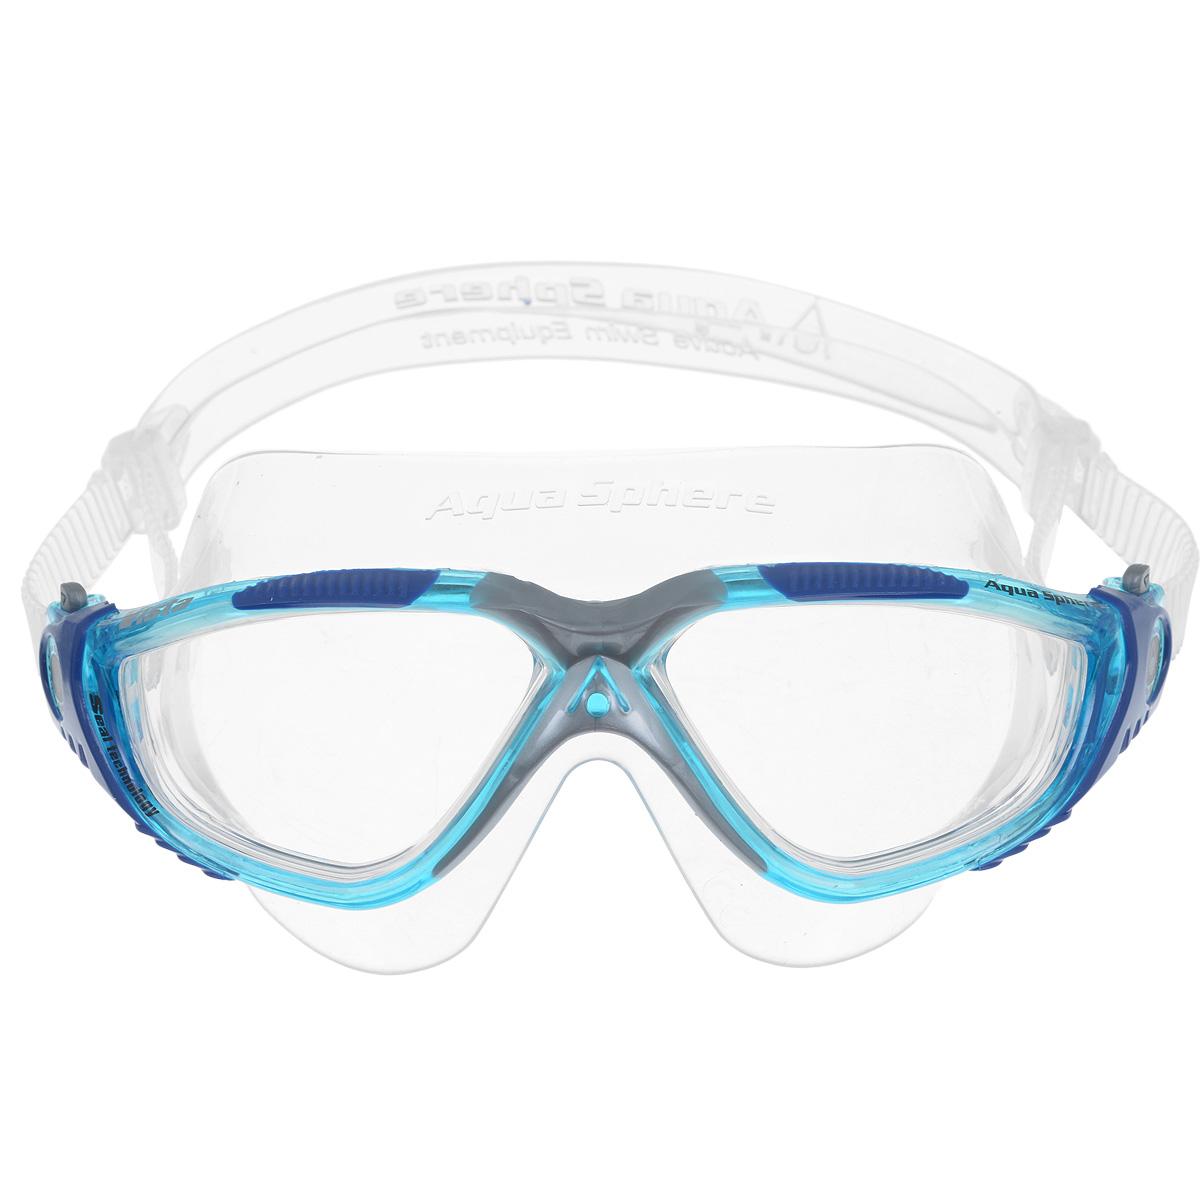 Очки для плавания Aqua Sphere Vista, цвет: аквамарин, синийTN 169610Очки Aqua Sphere Vista имеют исключительно малую парусность, что минимизирует вероятность их сползания во время плавания. Кристально прозрачные полукруглые линзы обеспечивают обзор 180°. Очки дают 100% защиту от ультрафиолетового излучения. Специальное покрытие препятствует запотеванию стекол. Материал: силикон, plexisol.